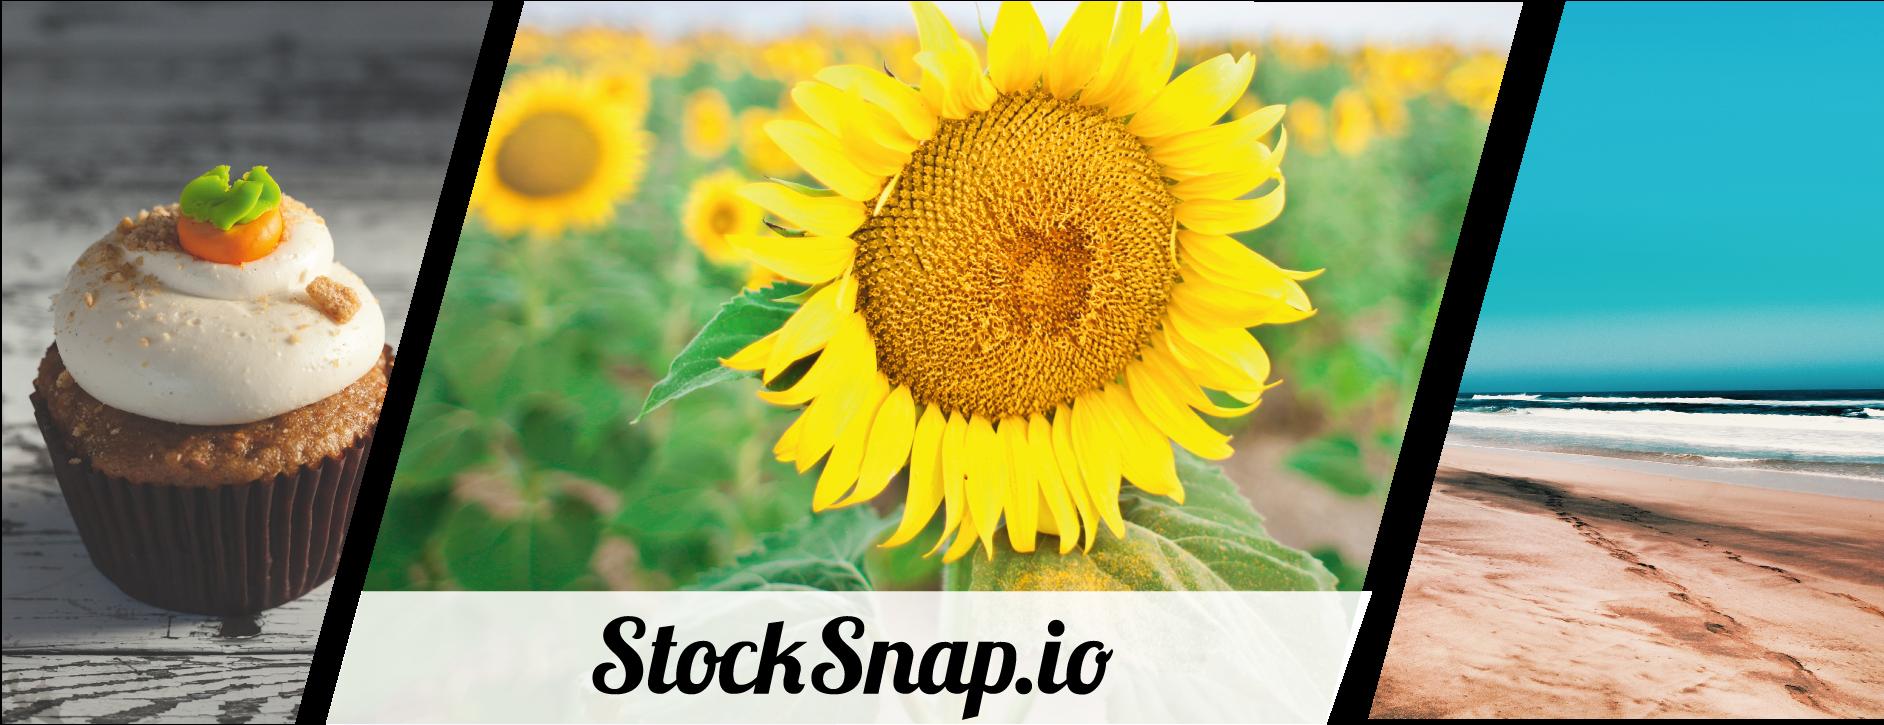 stocksnap image collage